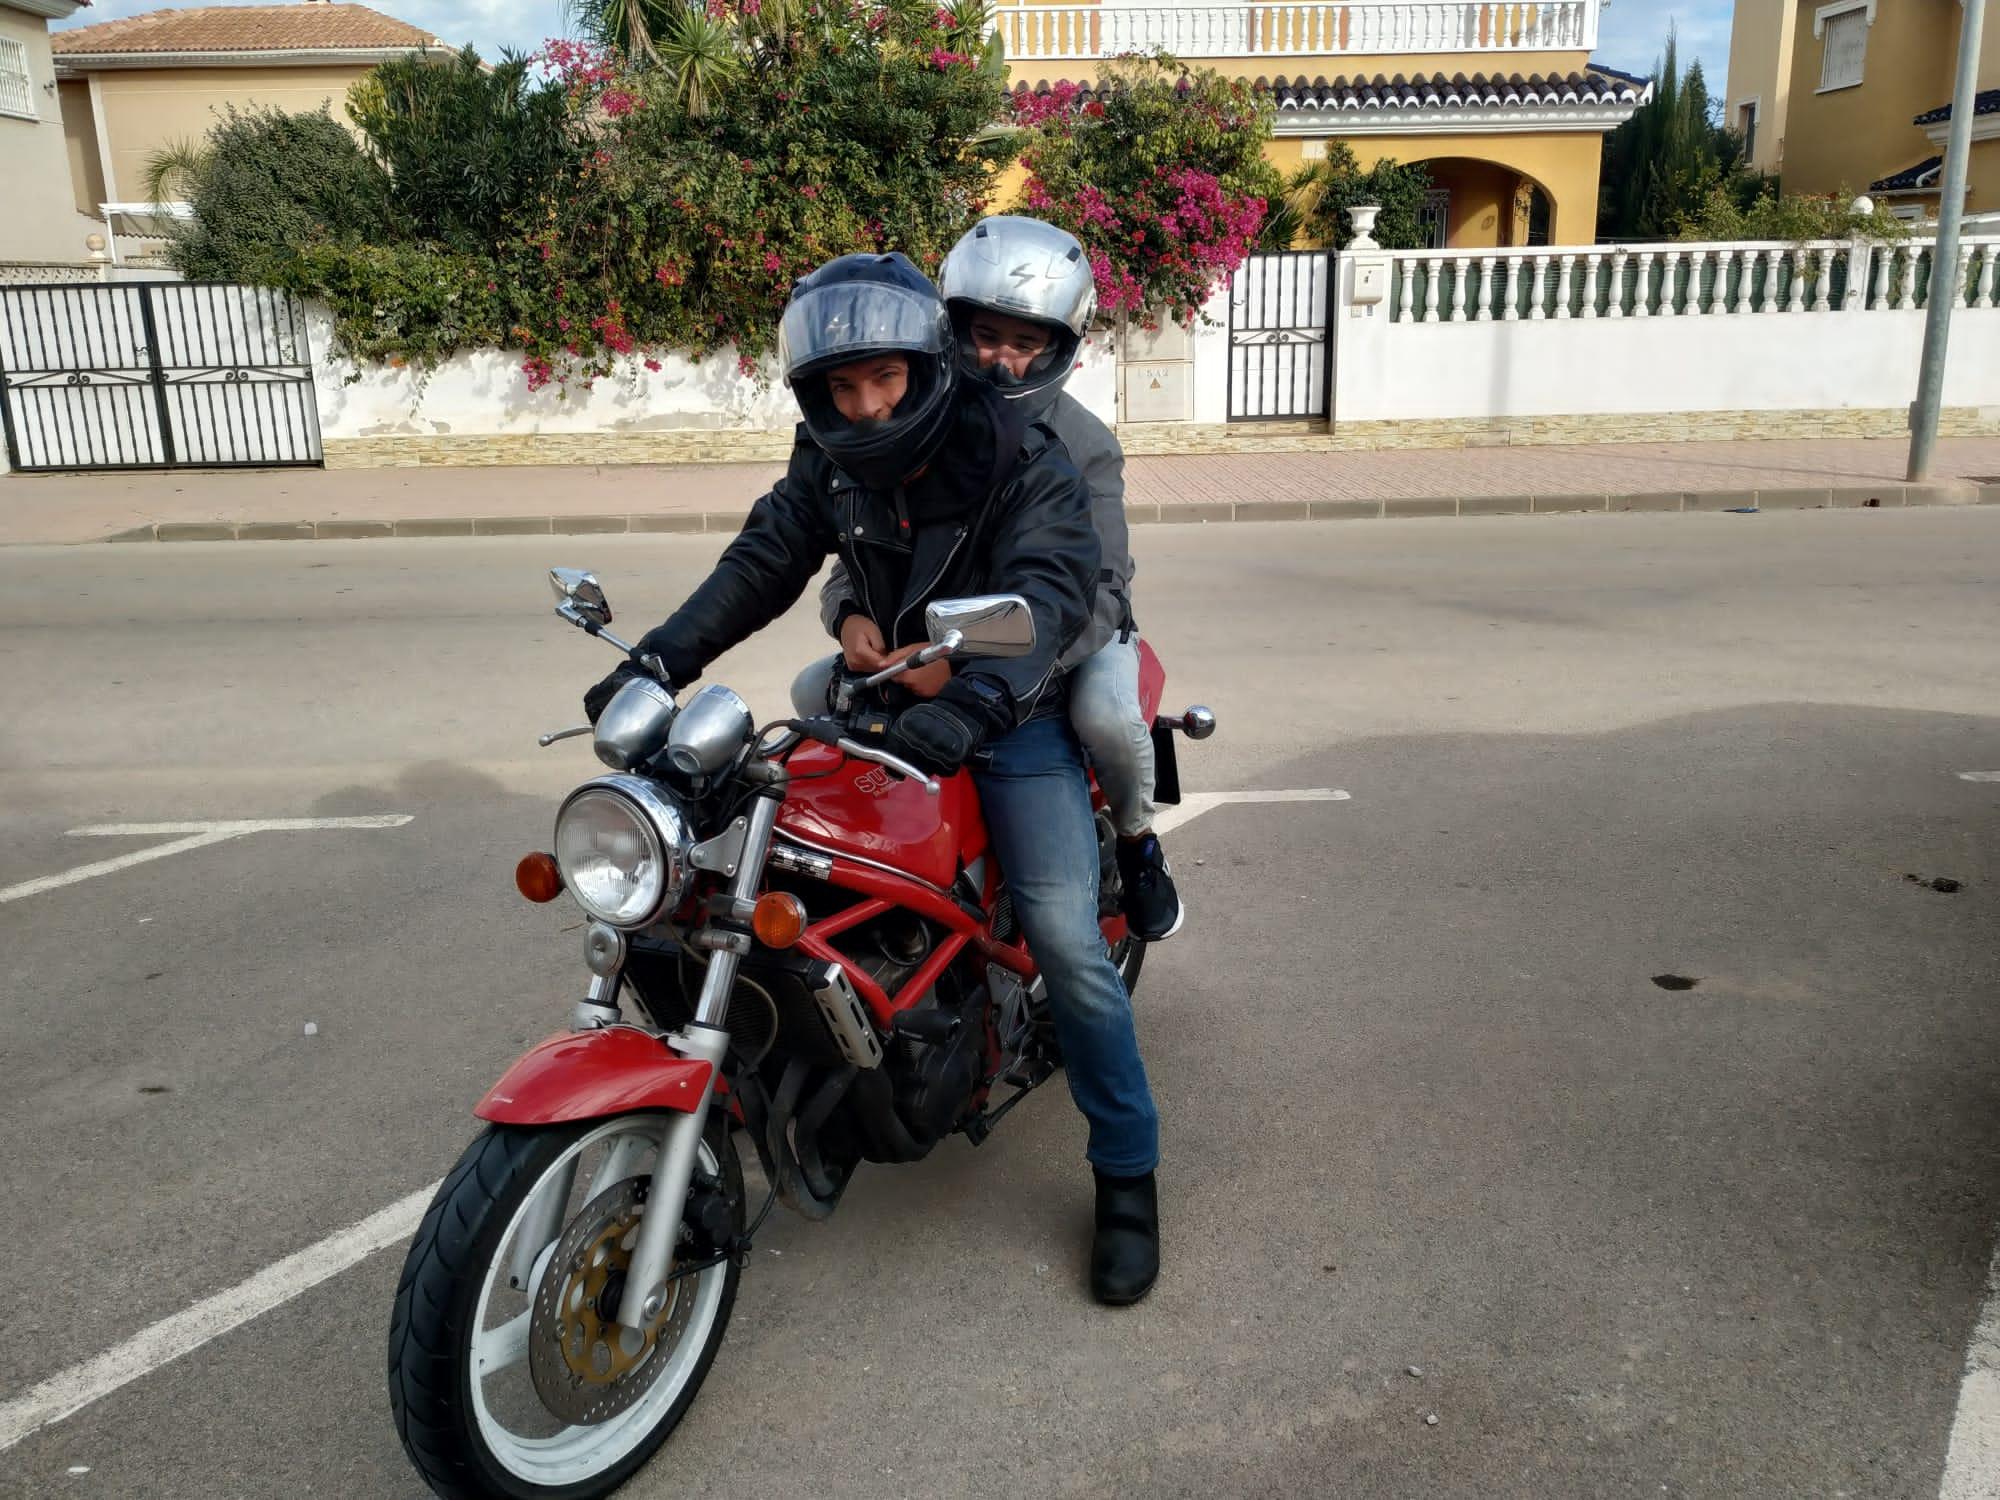 Bandit roja en Los Alcázares, la zona del Mar Menor - Página 5 IMG-20210106-WA0040